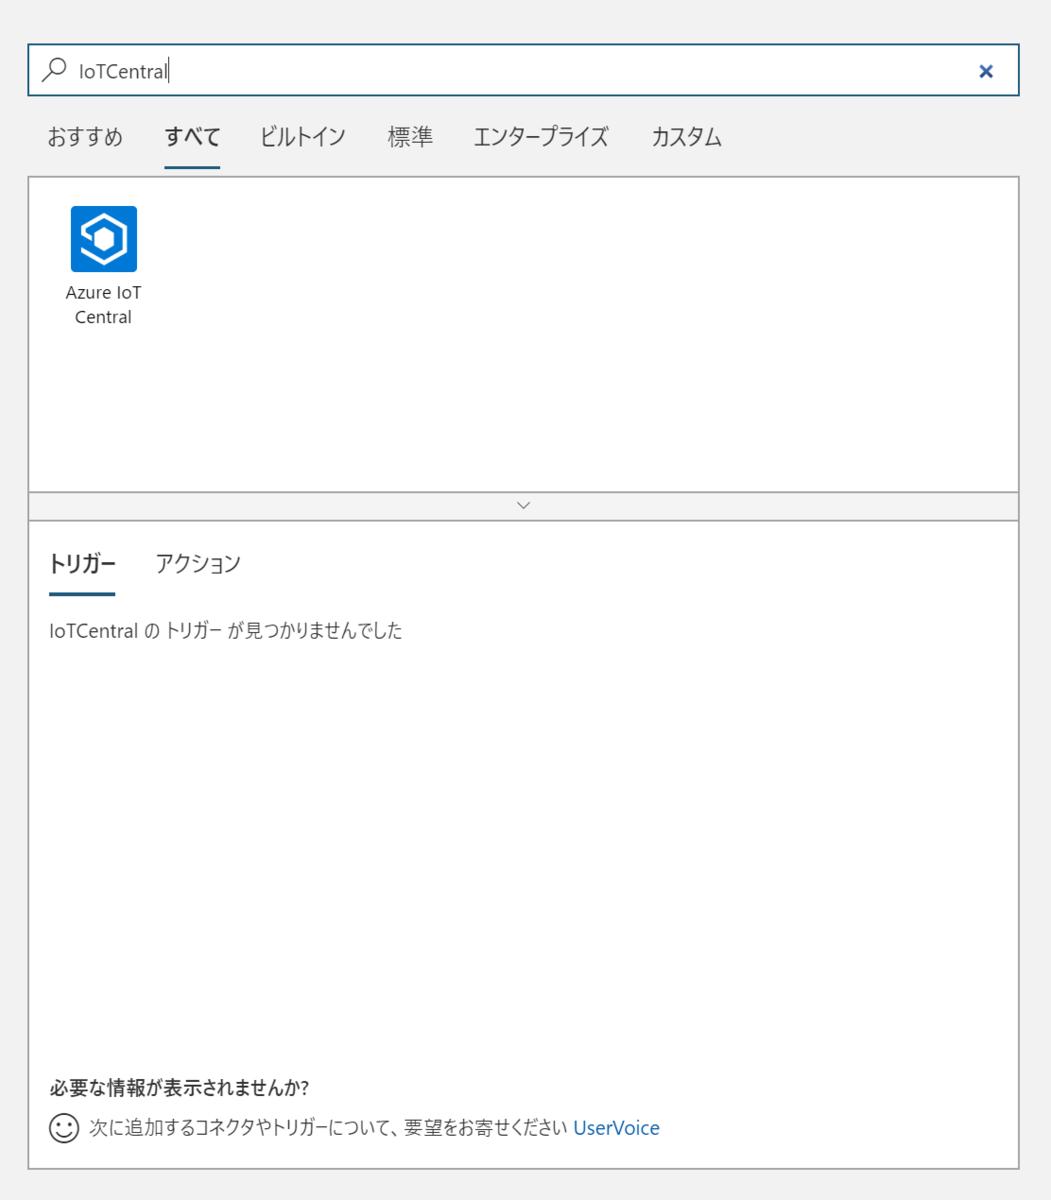 f:id:sakusakulager:20191203215727p:plain